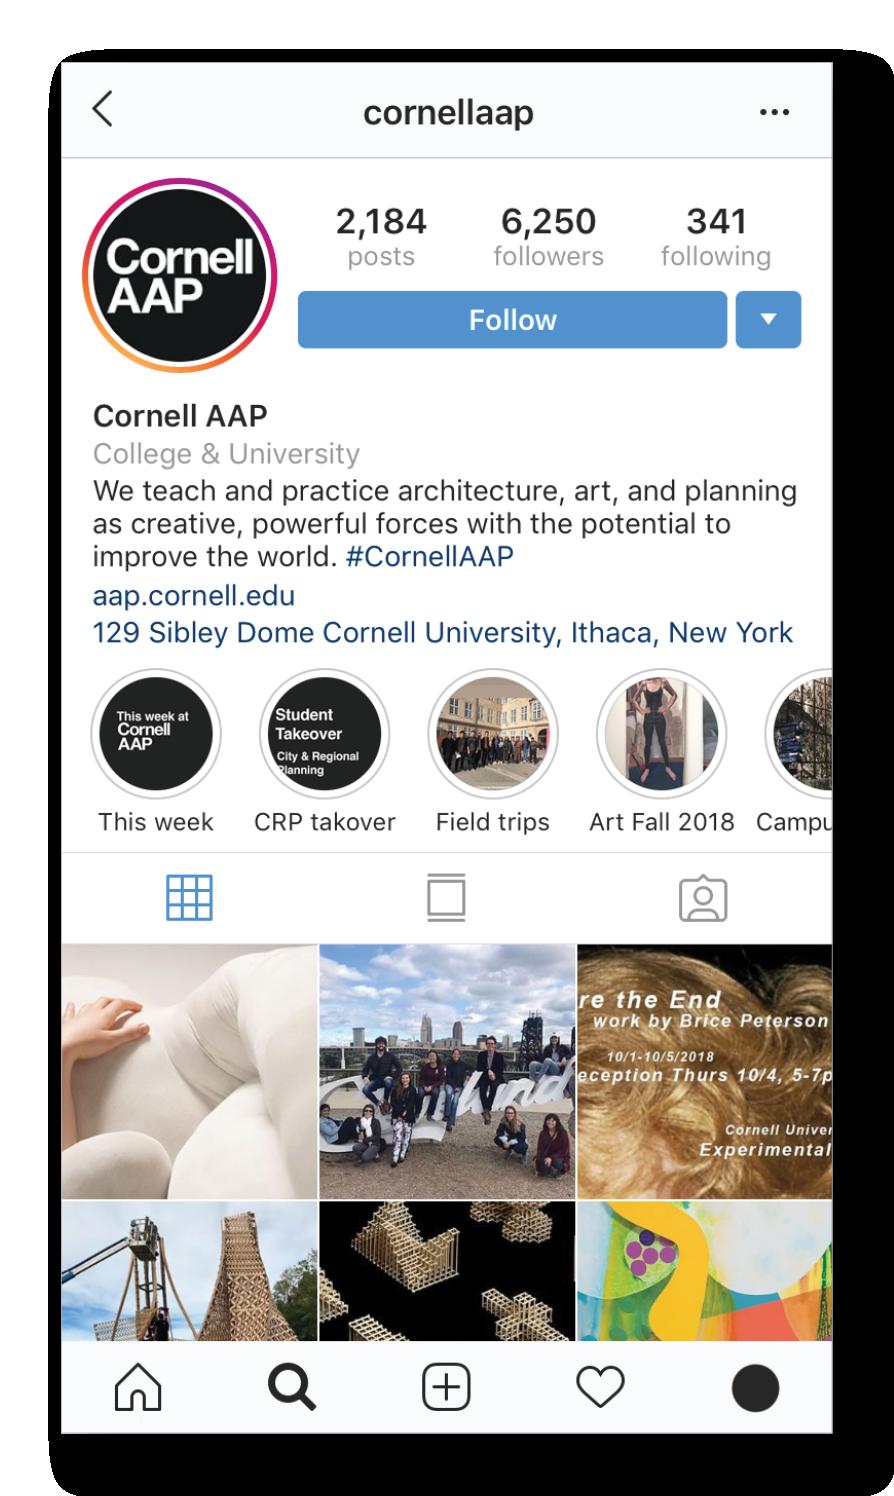 Cornell AAP's Instagram feed